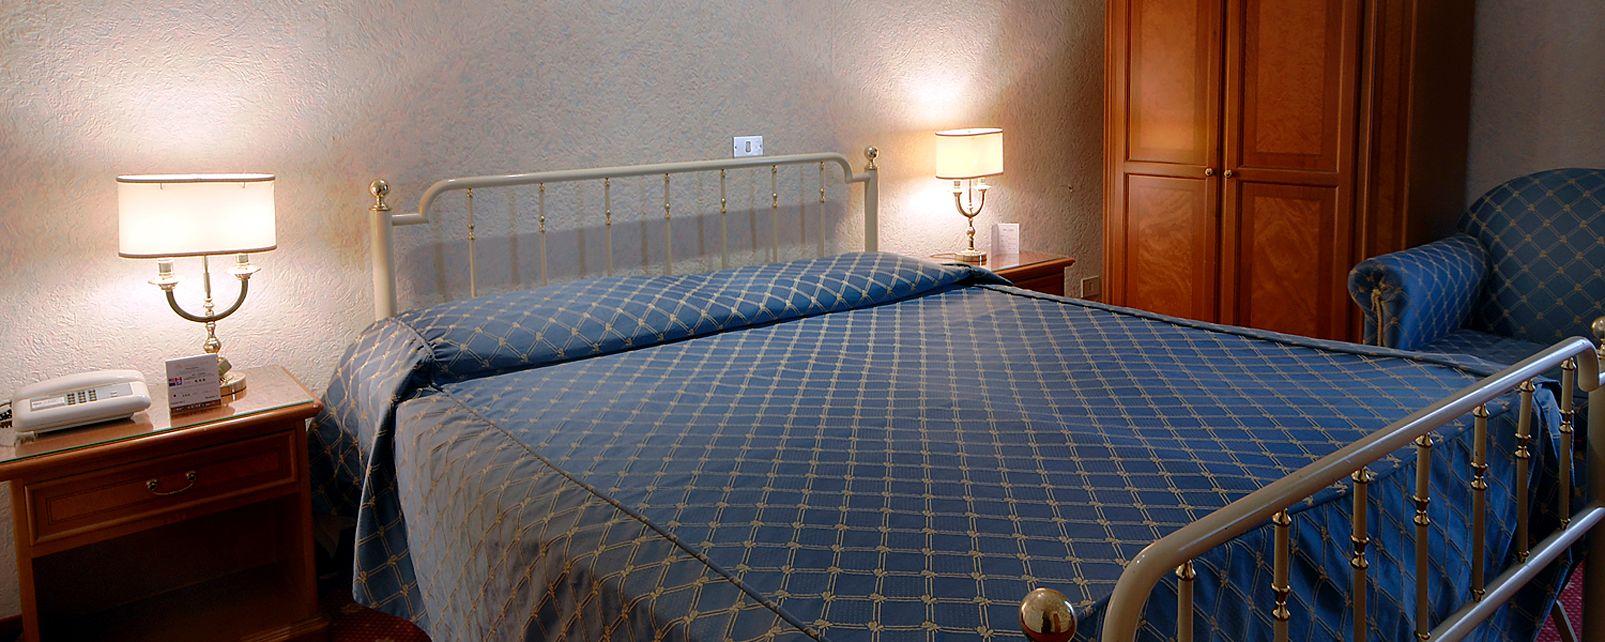 Hotel Sistina Rome